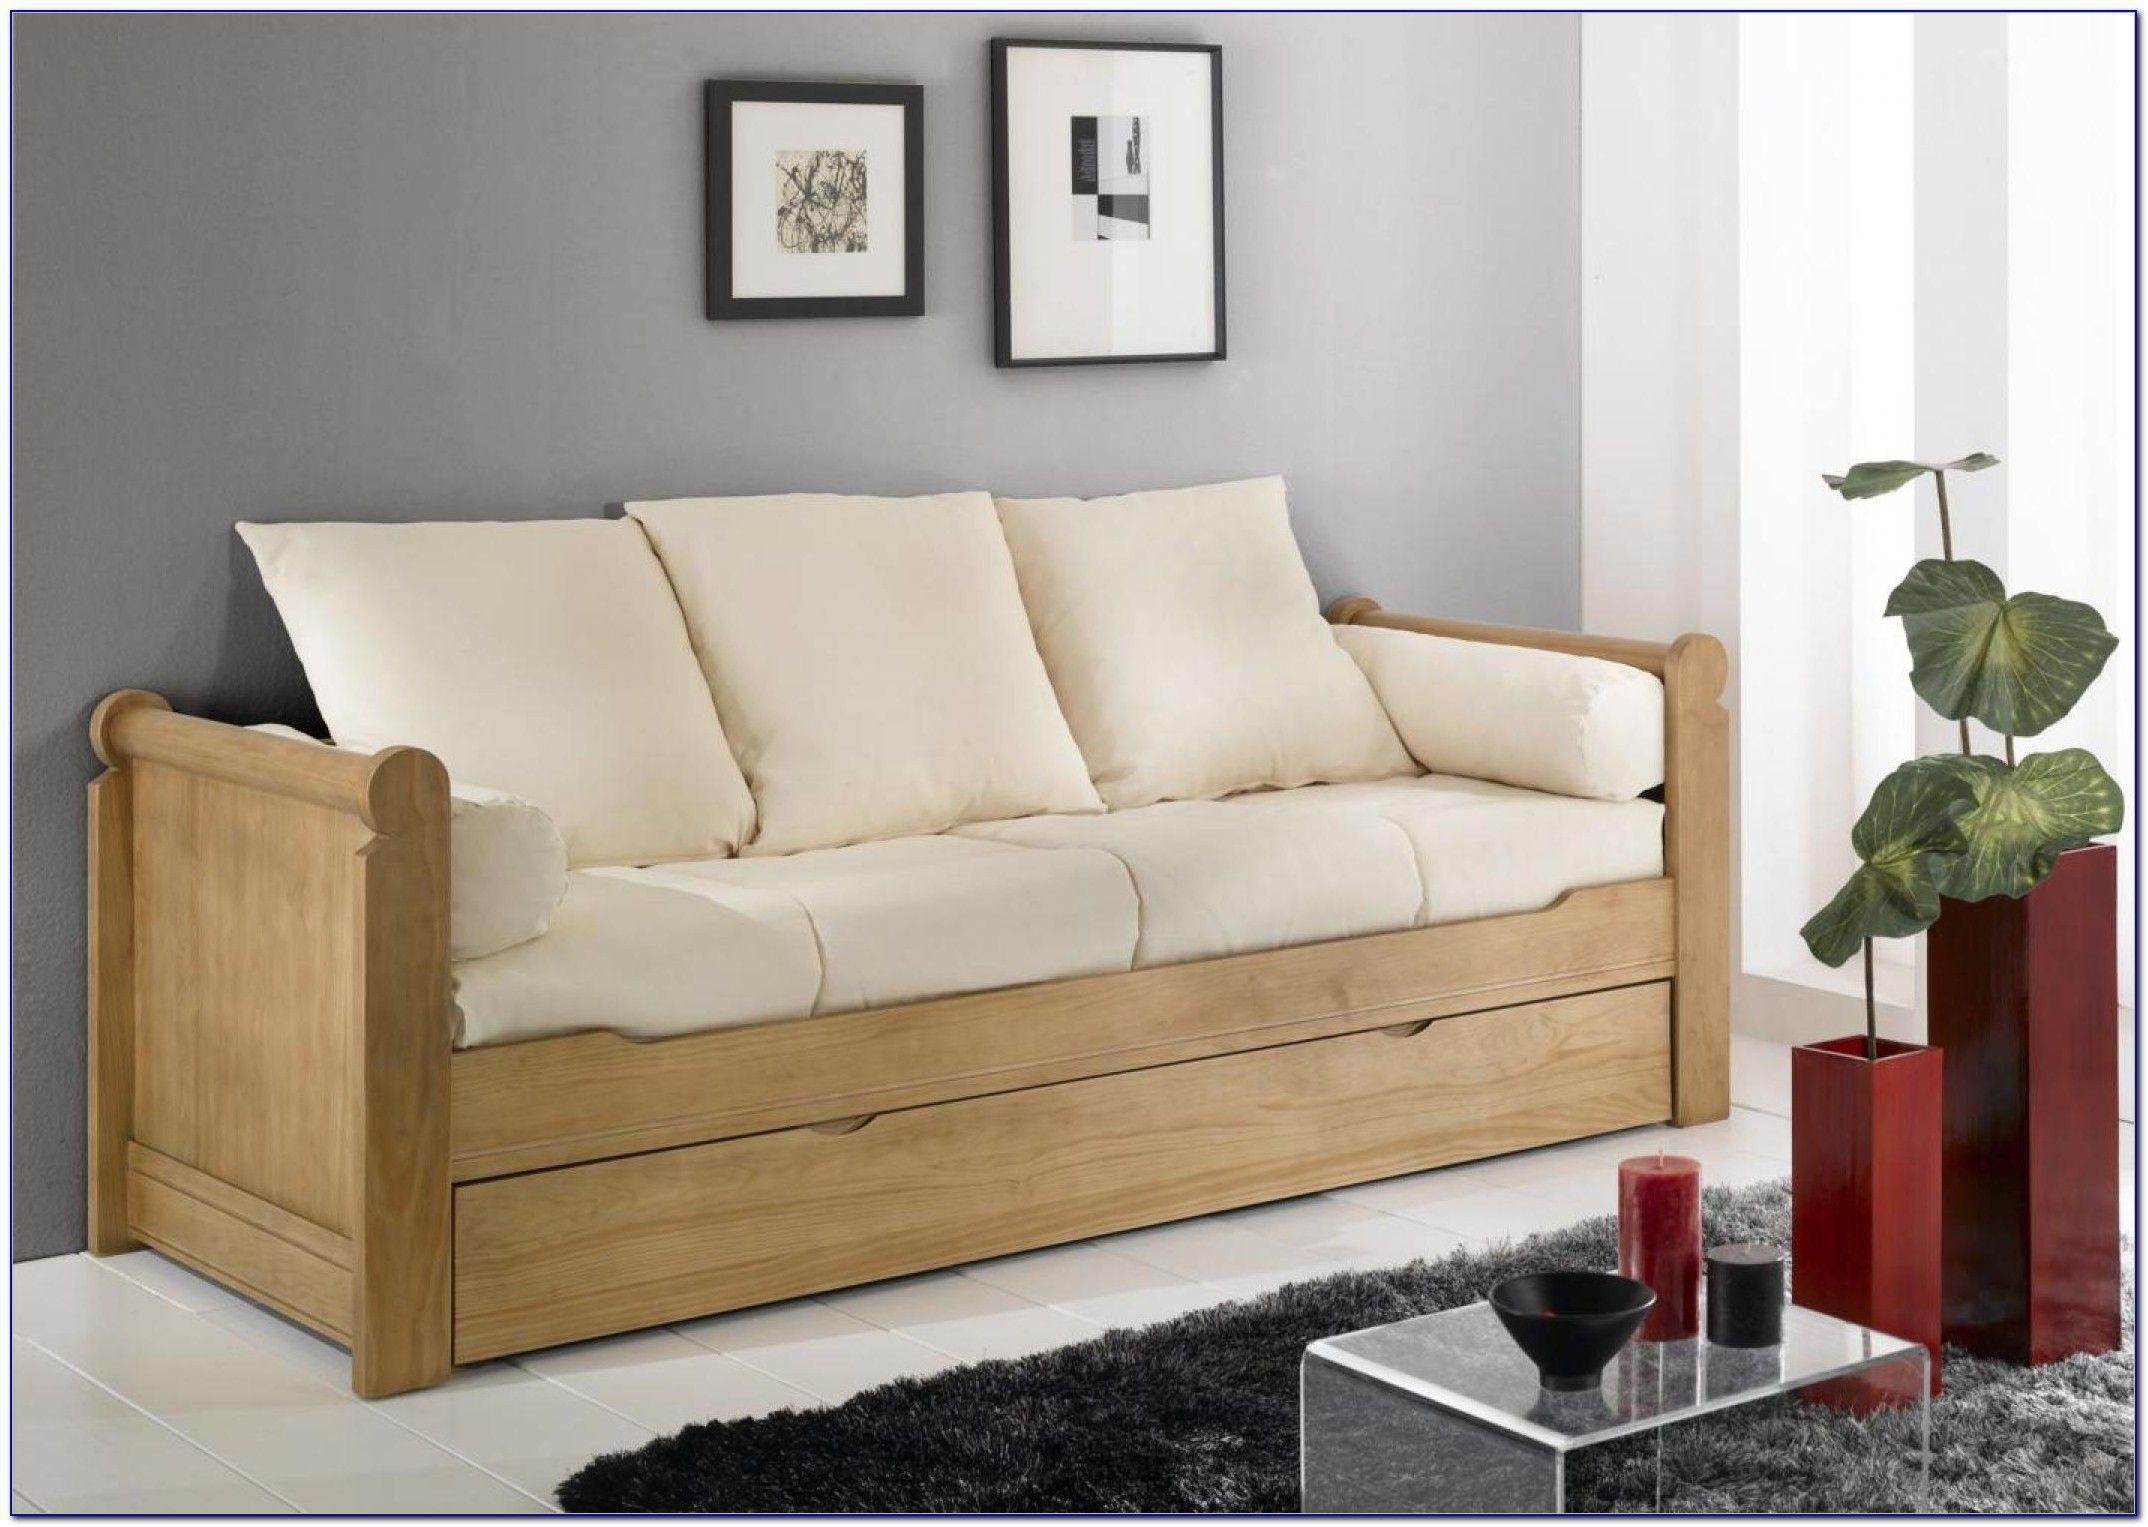 Lit Superposé Evolutif Magnifique Joli Lit Superposé Canapé Dans Luxury Canapé Lit Matelas